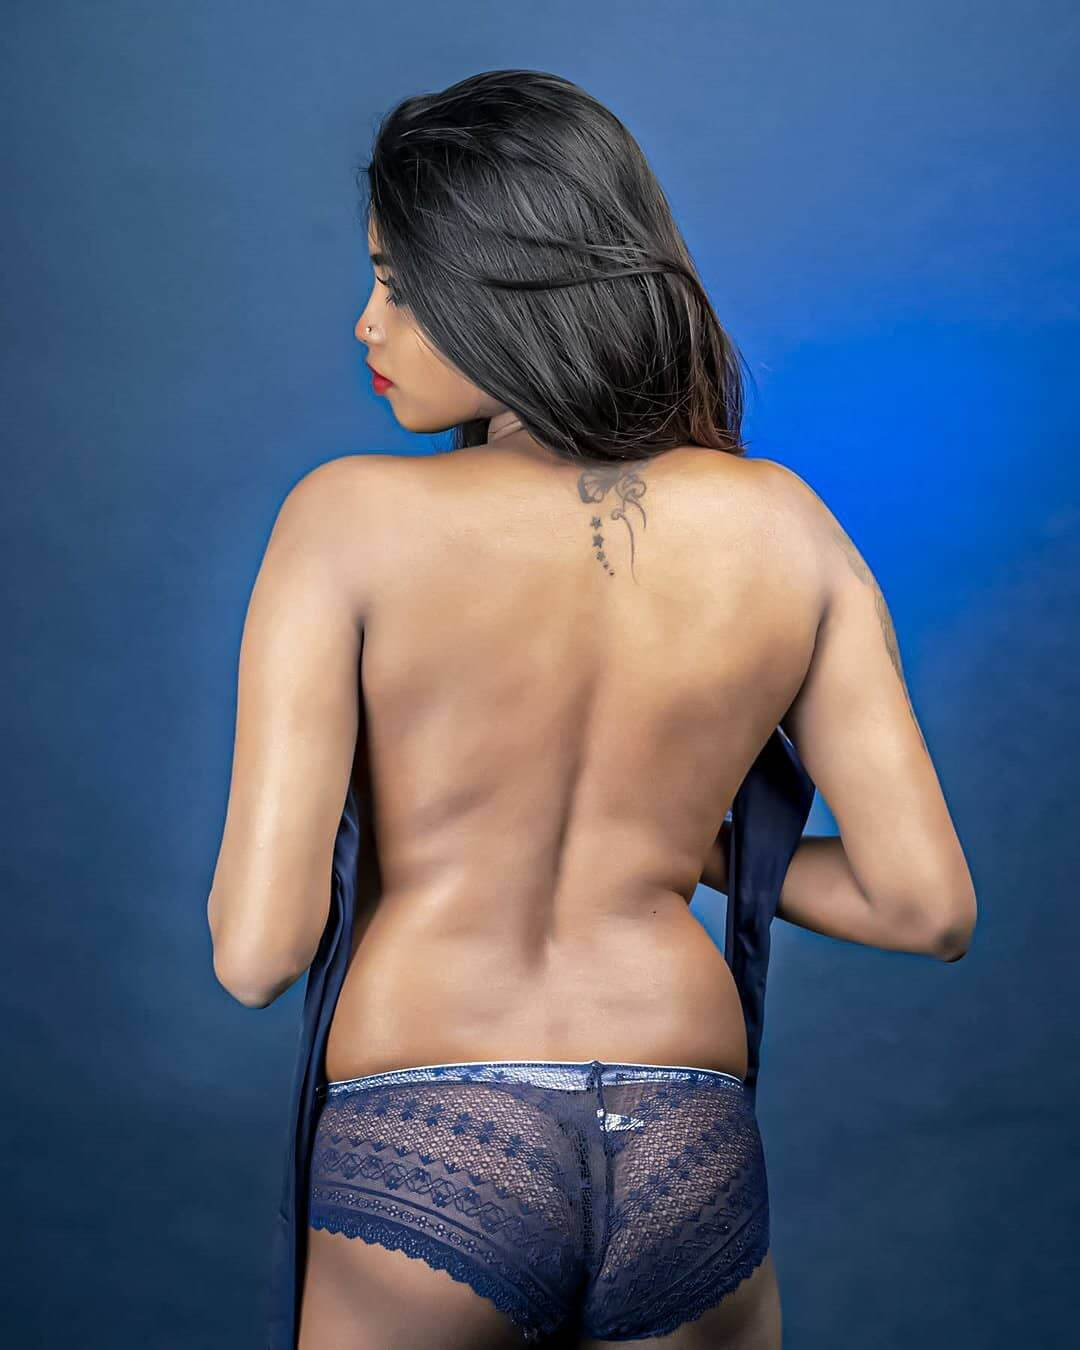 TikTok Star Ilakkiya Hottest Bikini Photoshoot